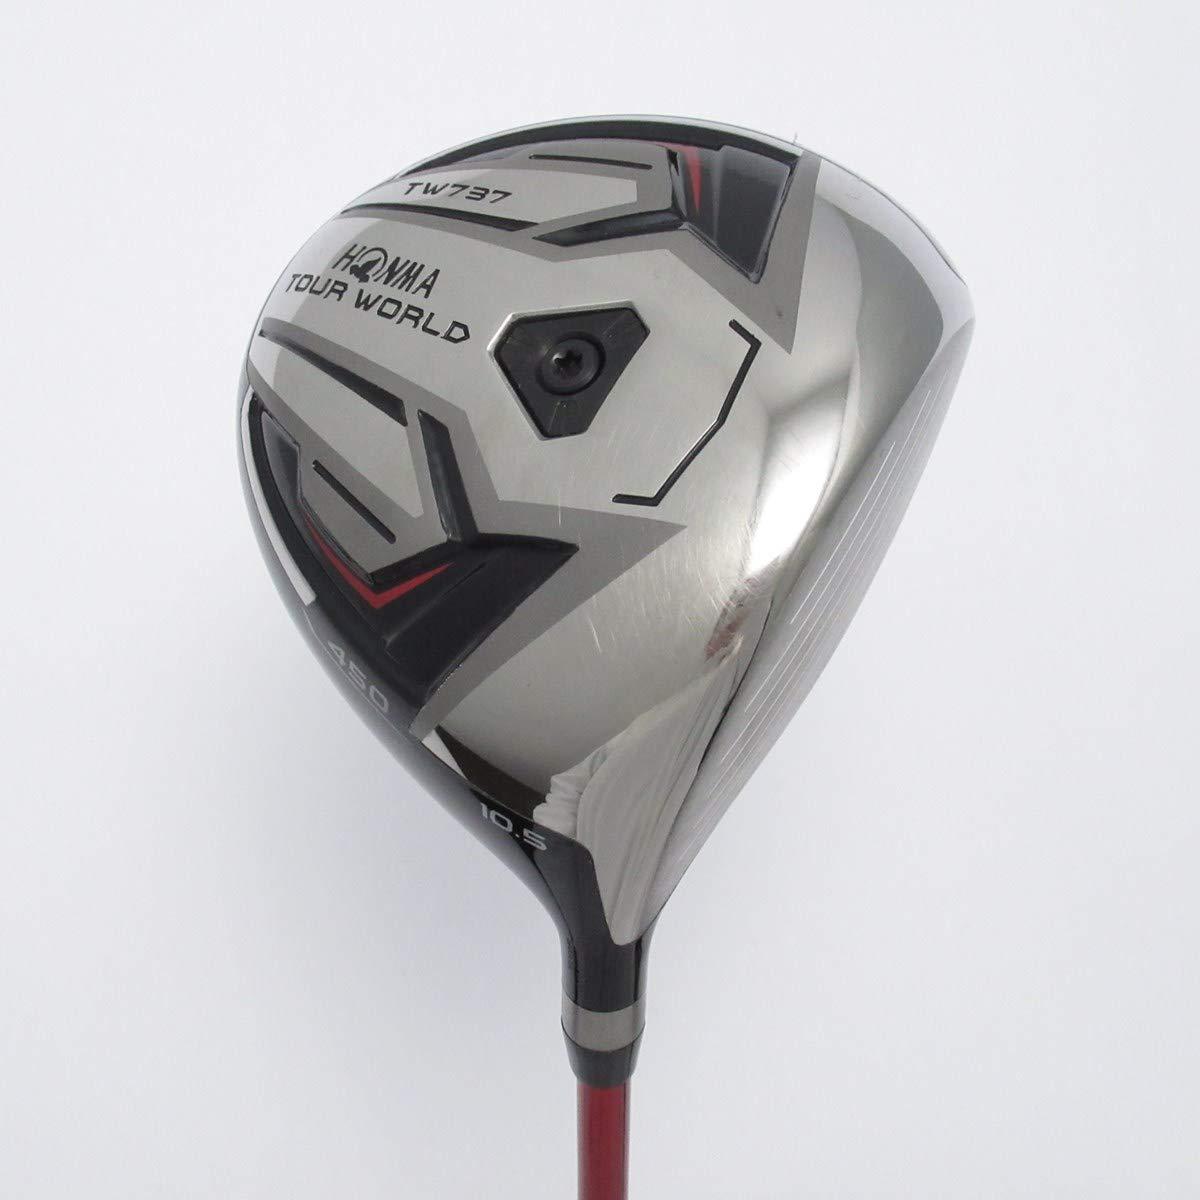 【中古】本間ゴルフ TOUR WORLD ツアーワールド TW737 450 ドライバー VIZARD EX-C65 S  B07P8SBMVQ